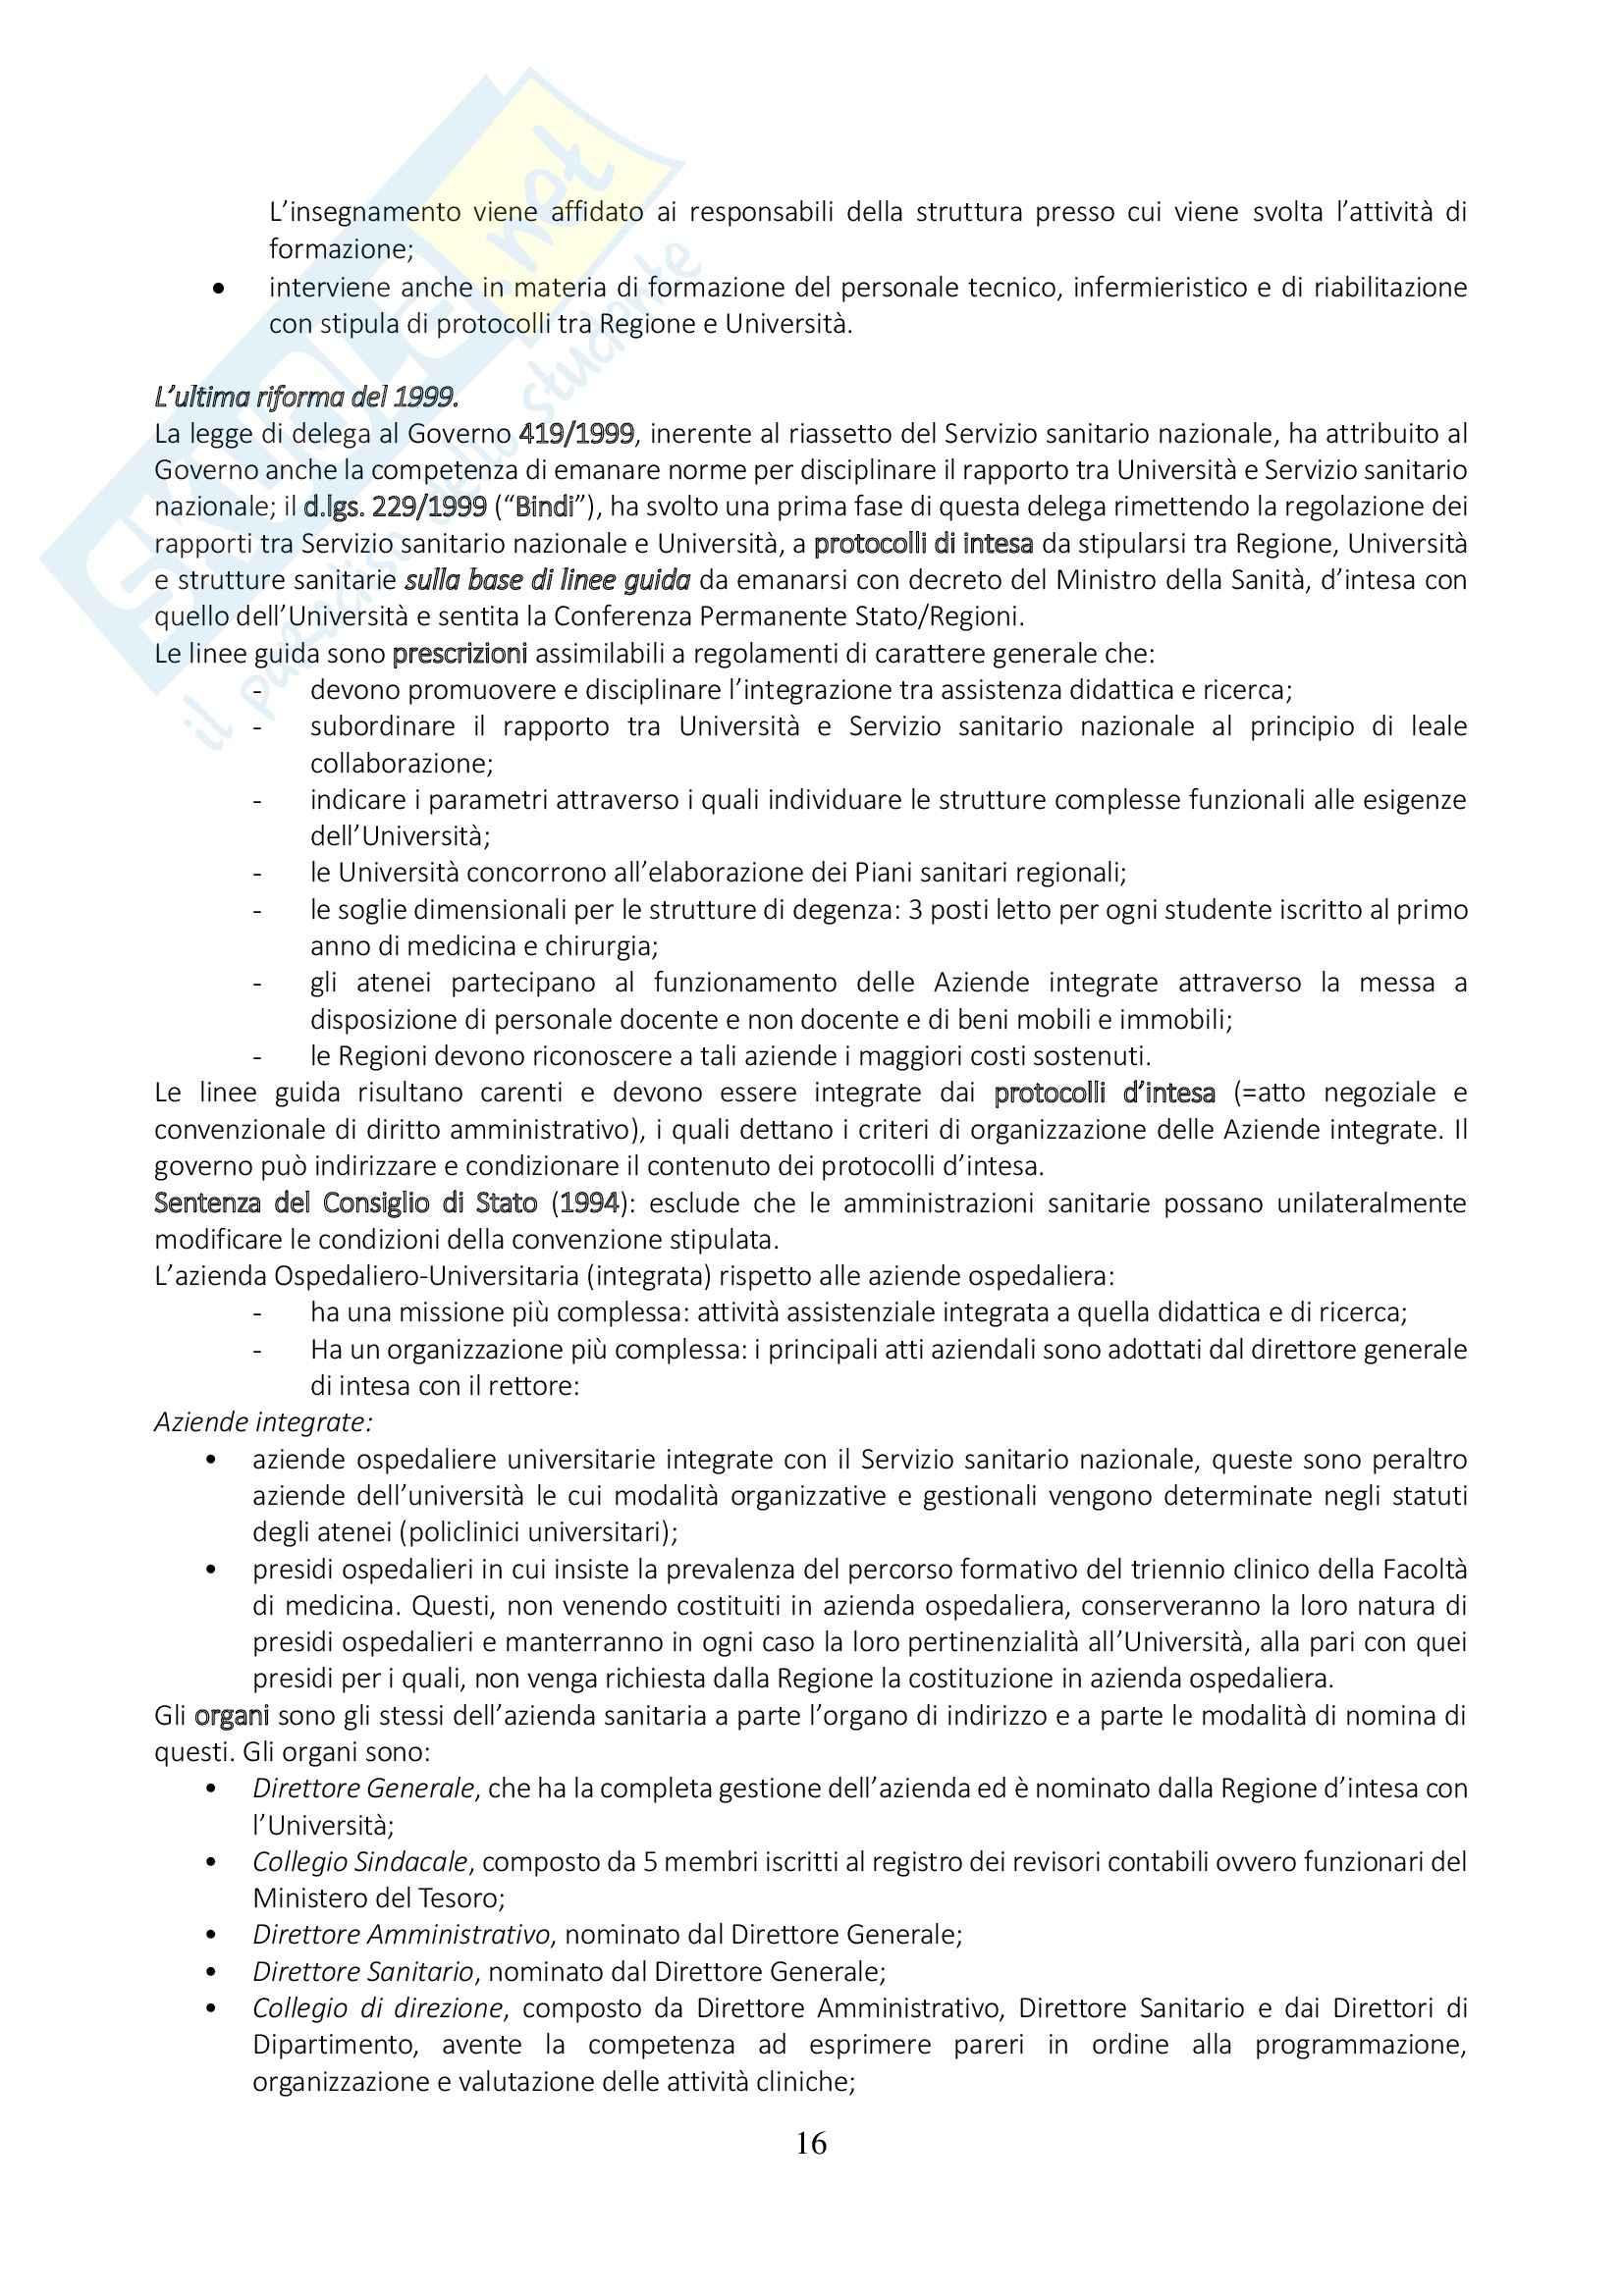 Tutela della salute ed organizzazione sanitaria nazionale e regionale, Diritto sanitario Pag. 16